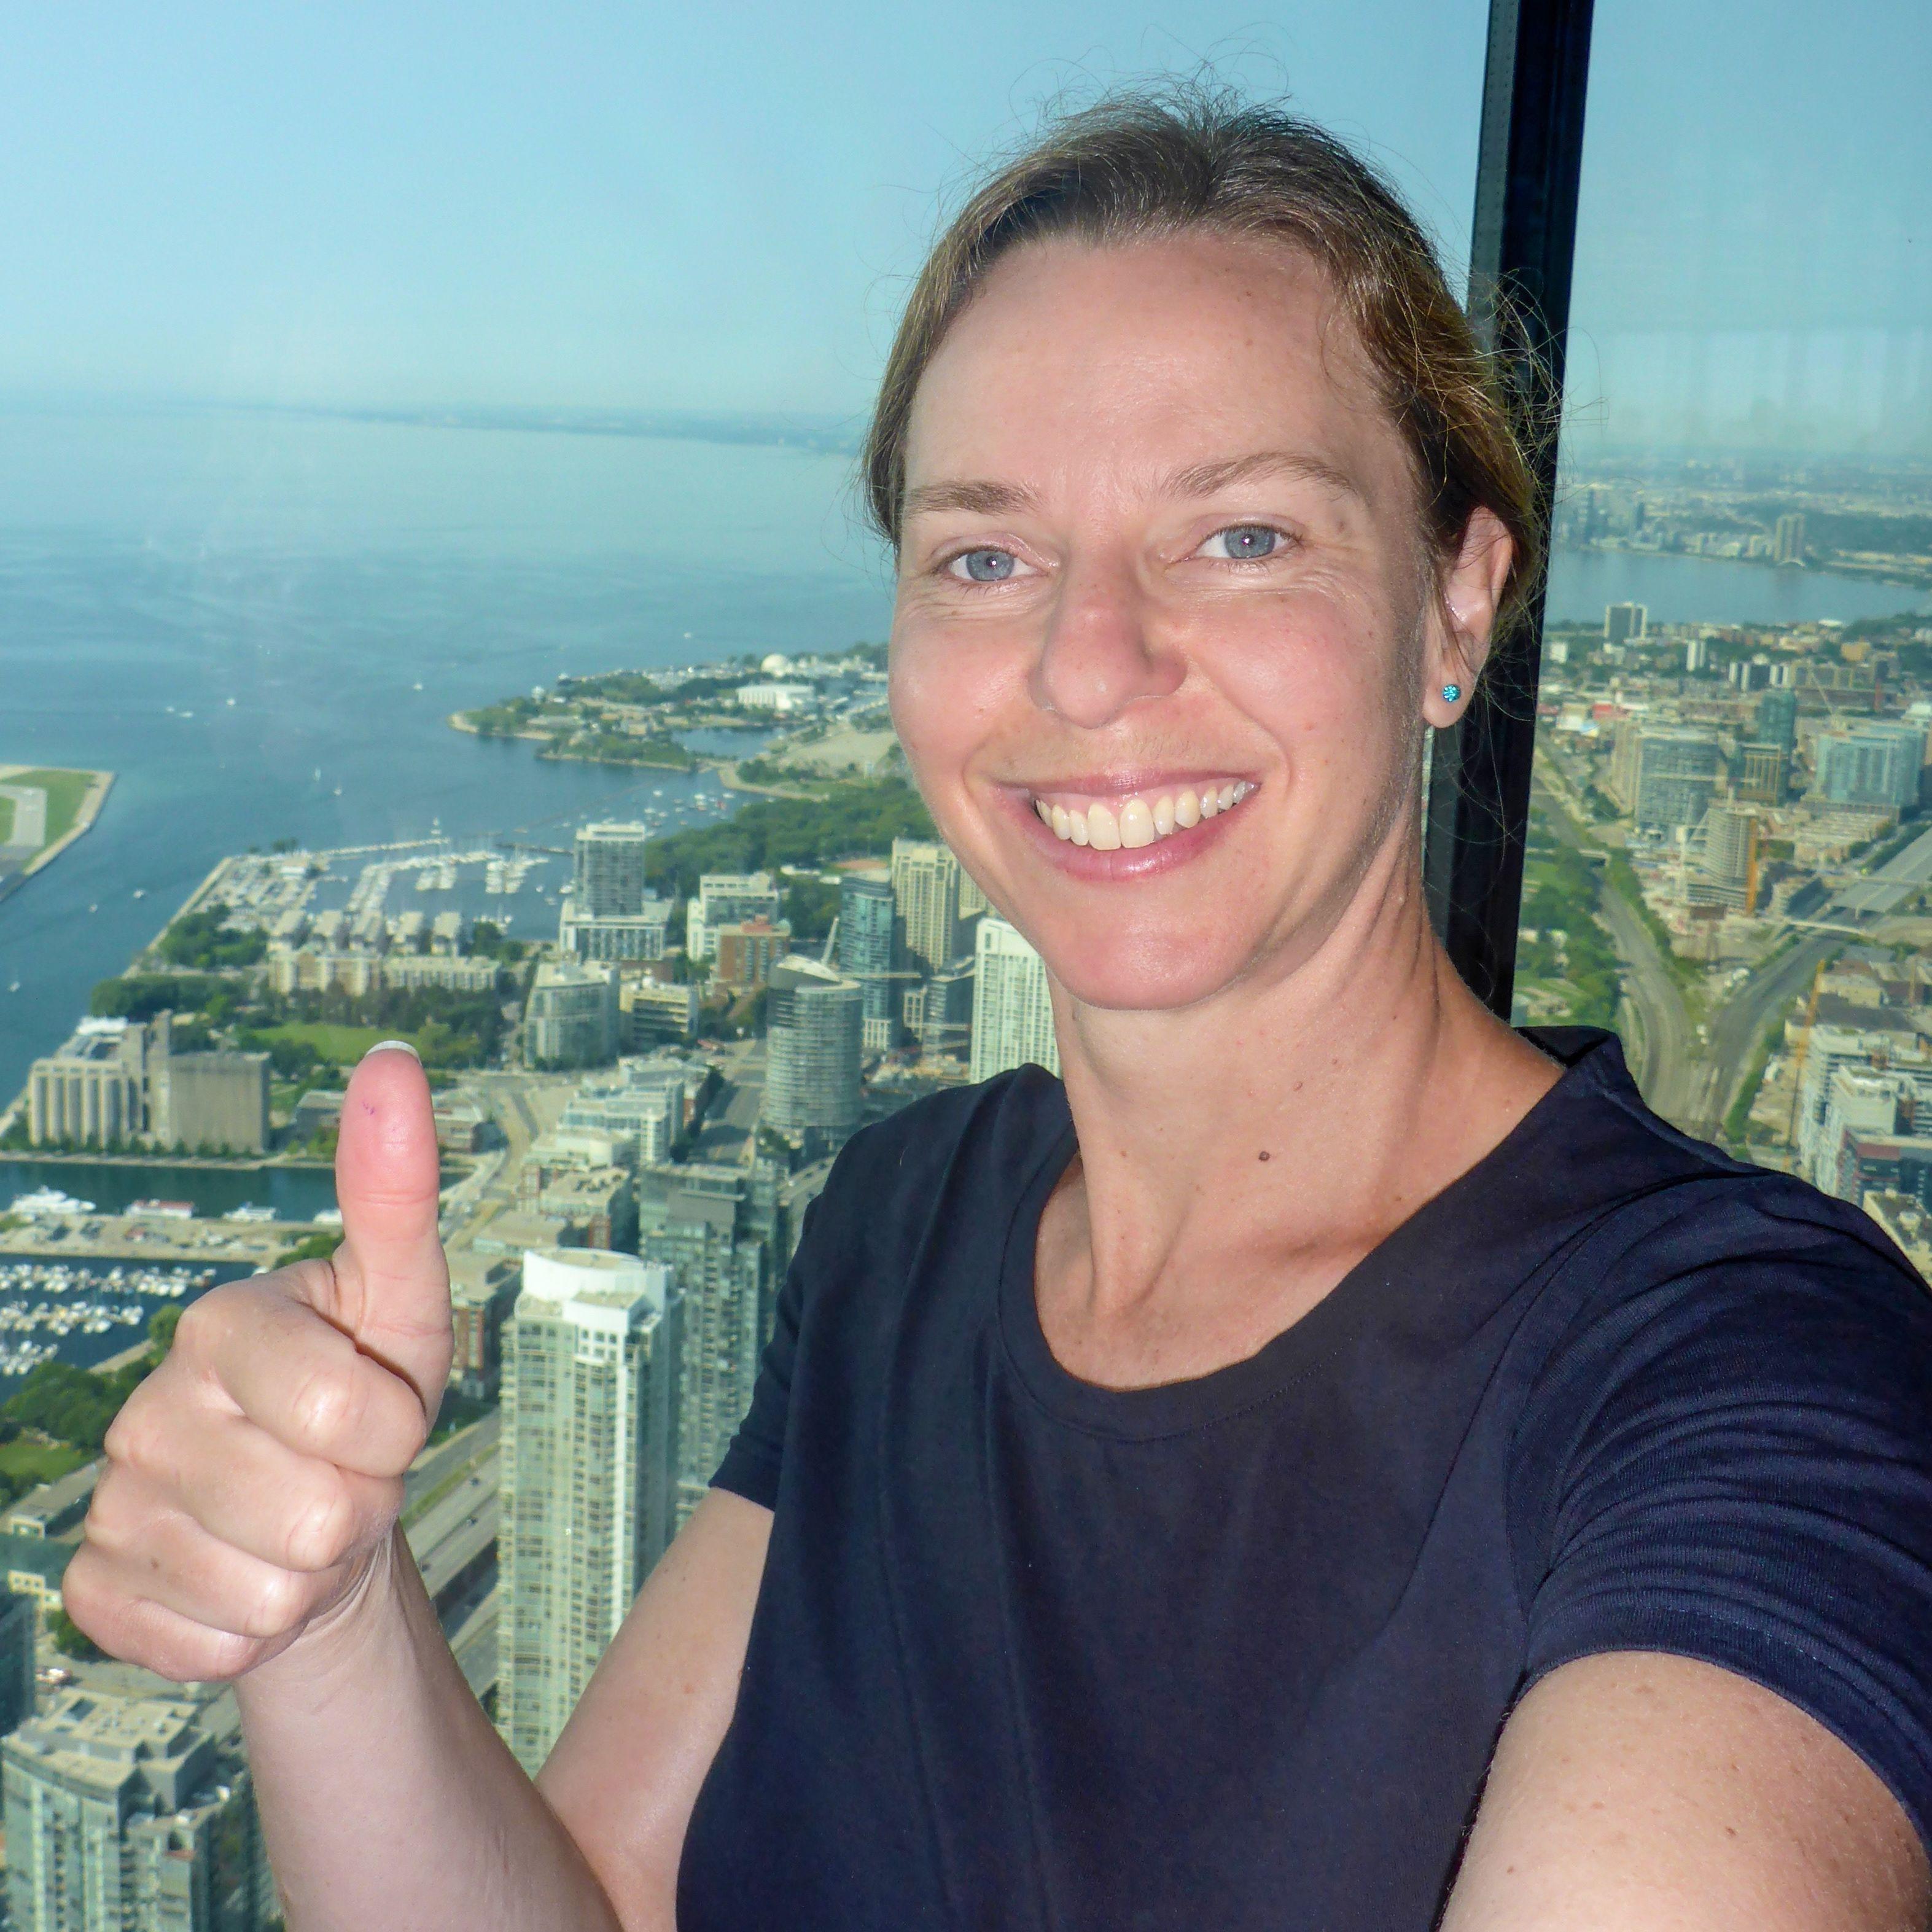 CANUSA Mitarbeiterin Antje Hauck auf dem CN Tower in Toronto